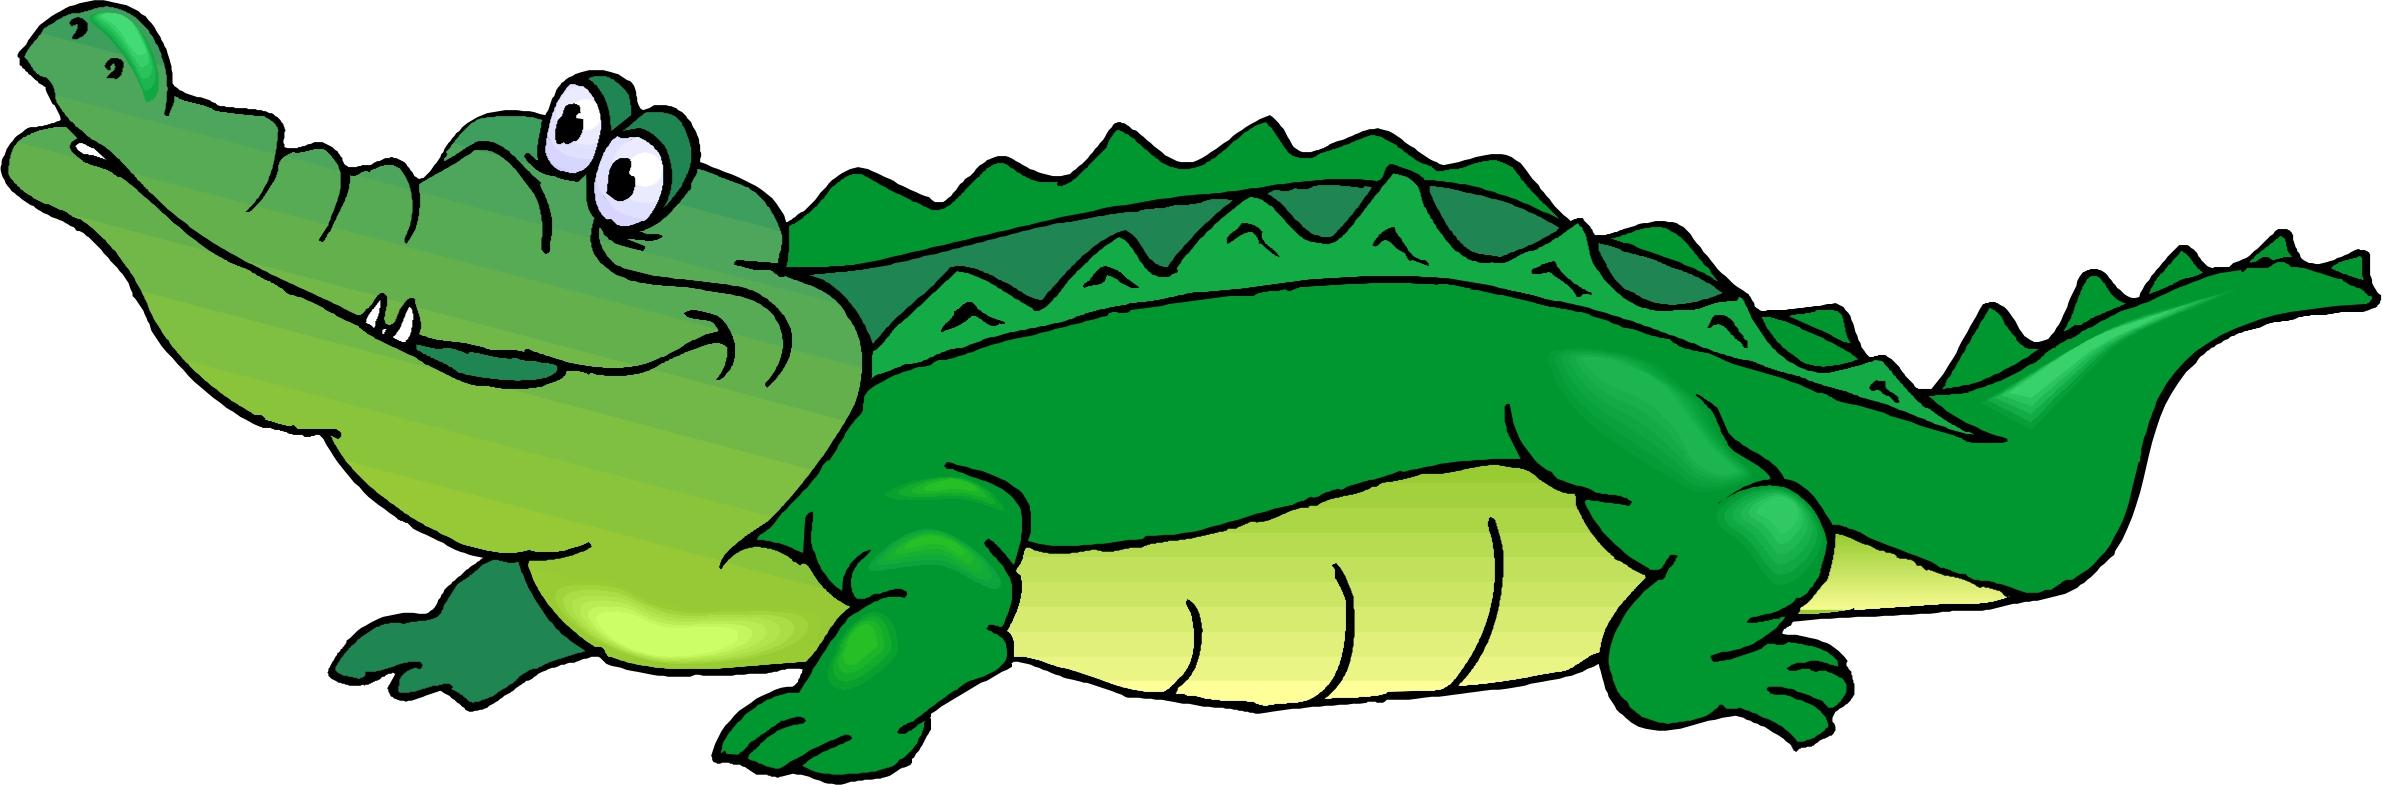 Cartoon Crocodile Clipart #1-Cartoon Crocodile Clipart #1-3